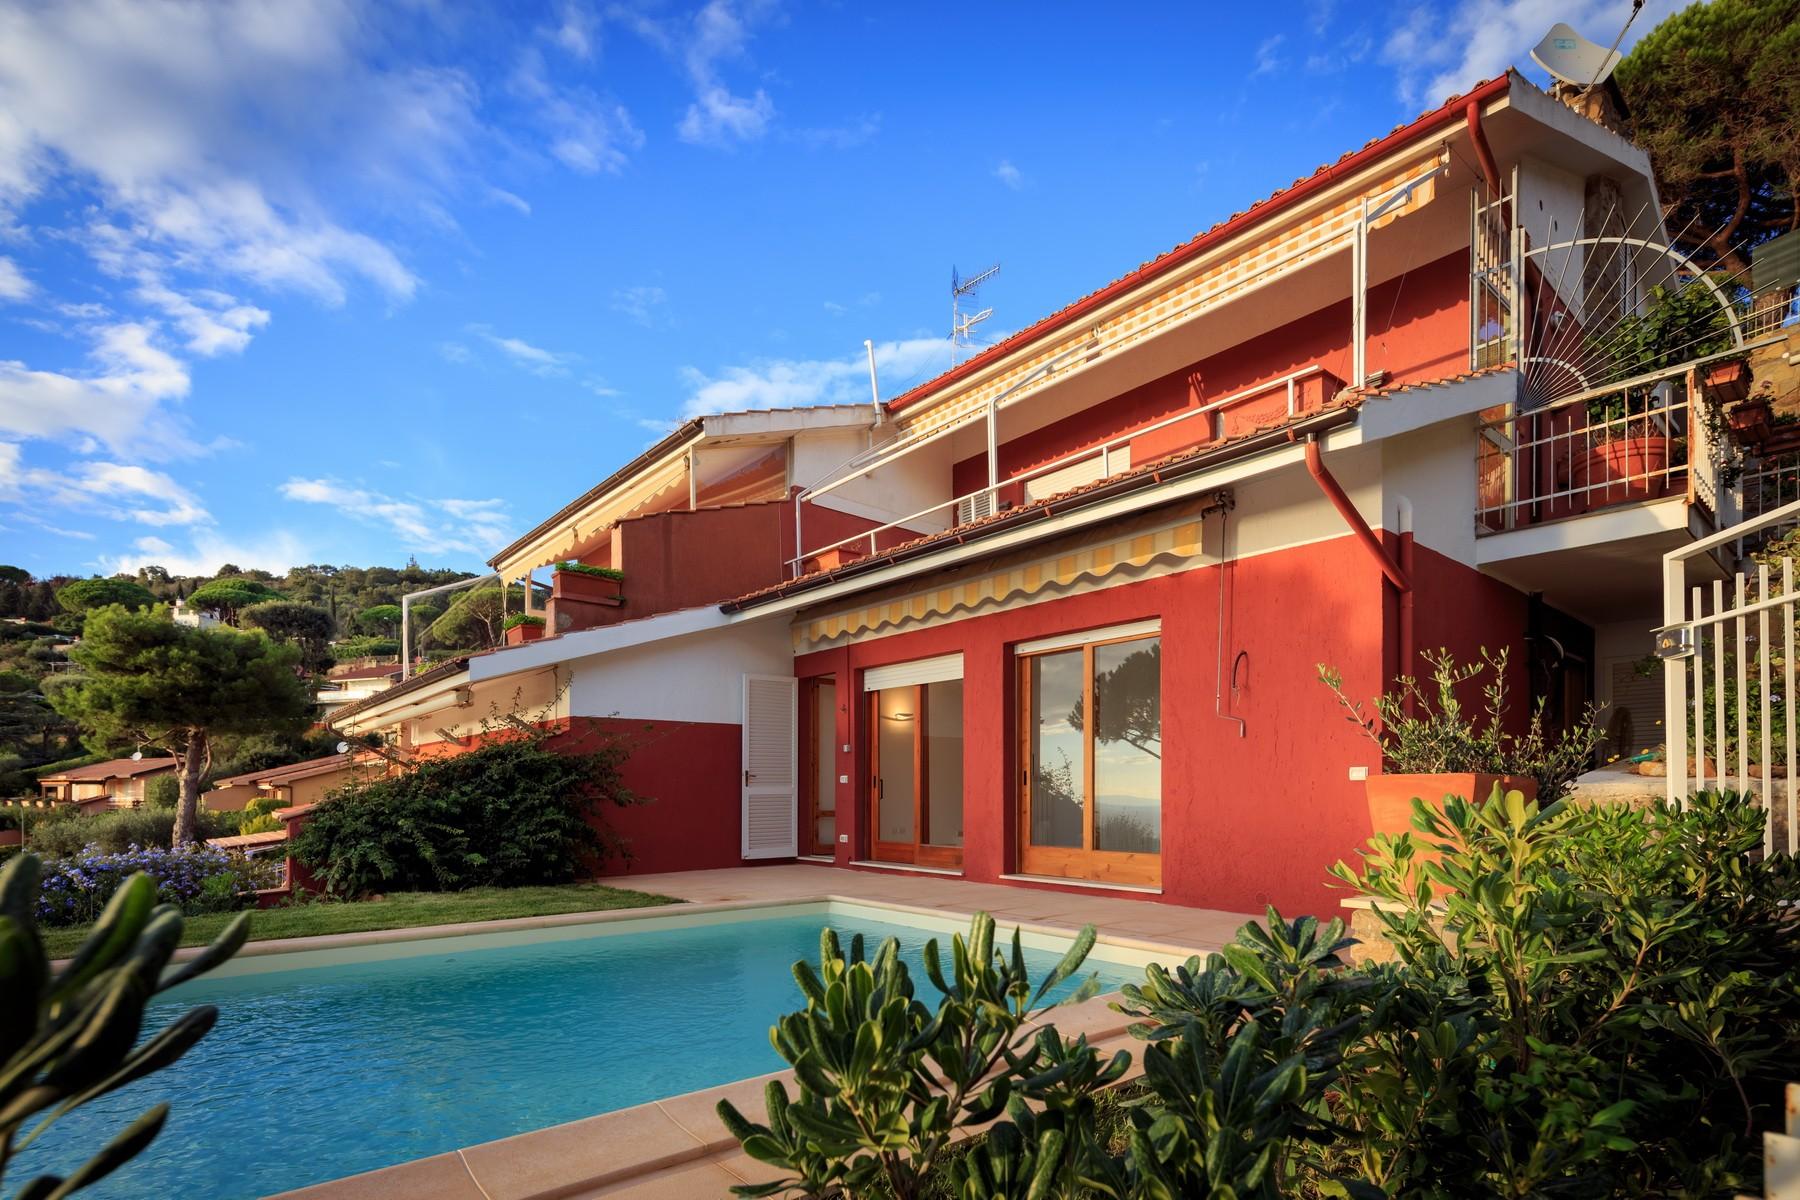 Casa indipendente in Vendita a Castiglione Della Pescaia: 4 locali, 80 mq - Foto 3